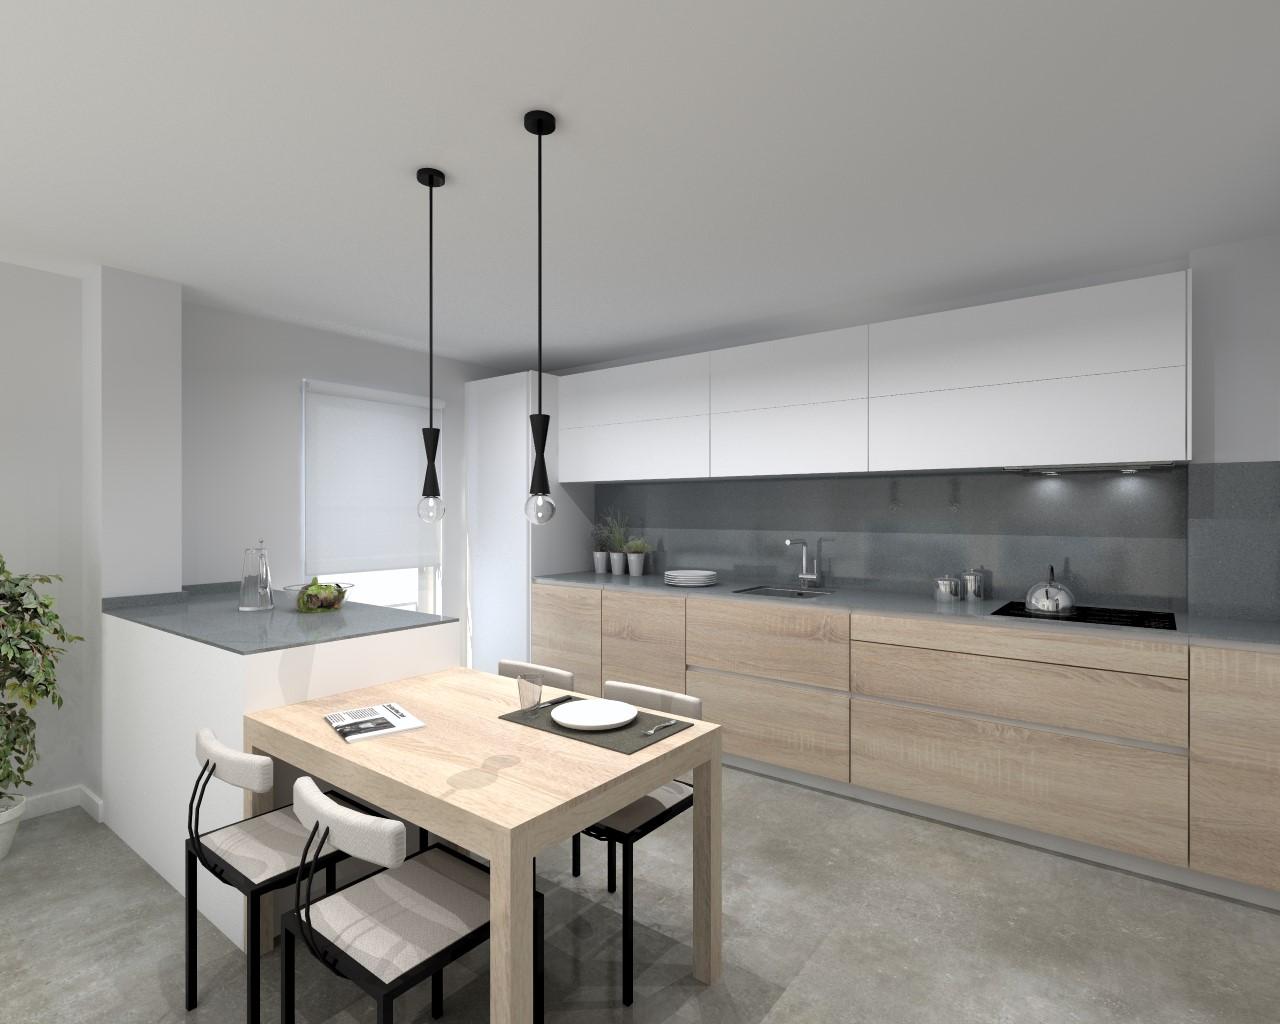 Cocina santos modelo line e y line l estratificado seda - Cocinas de color blanco ...